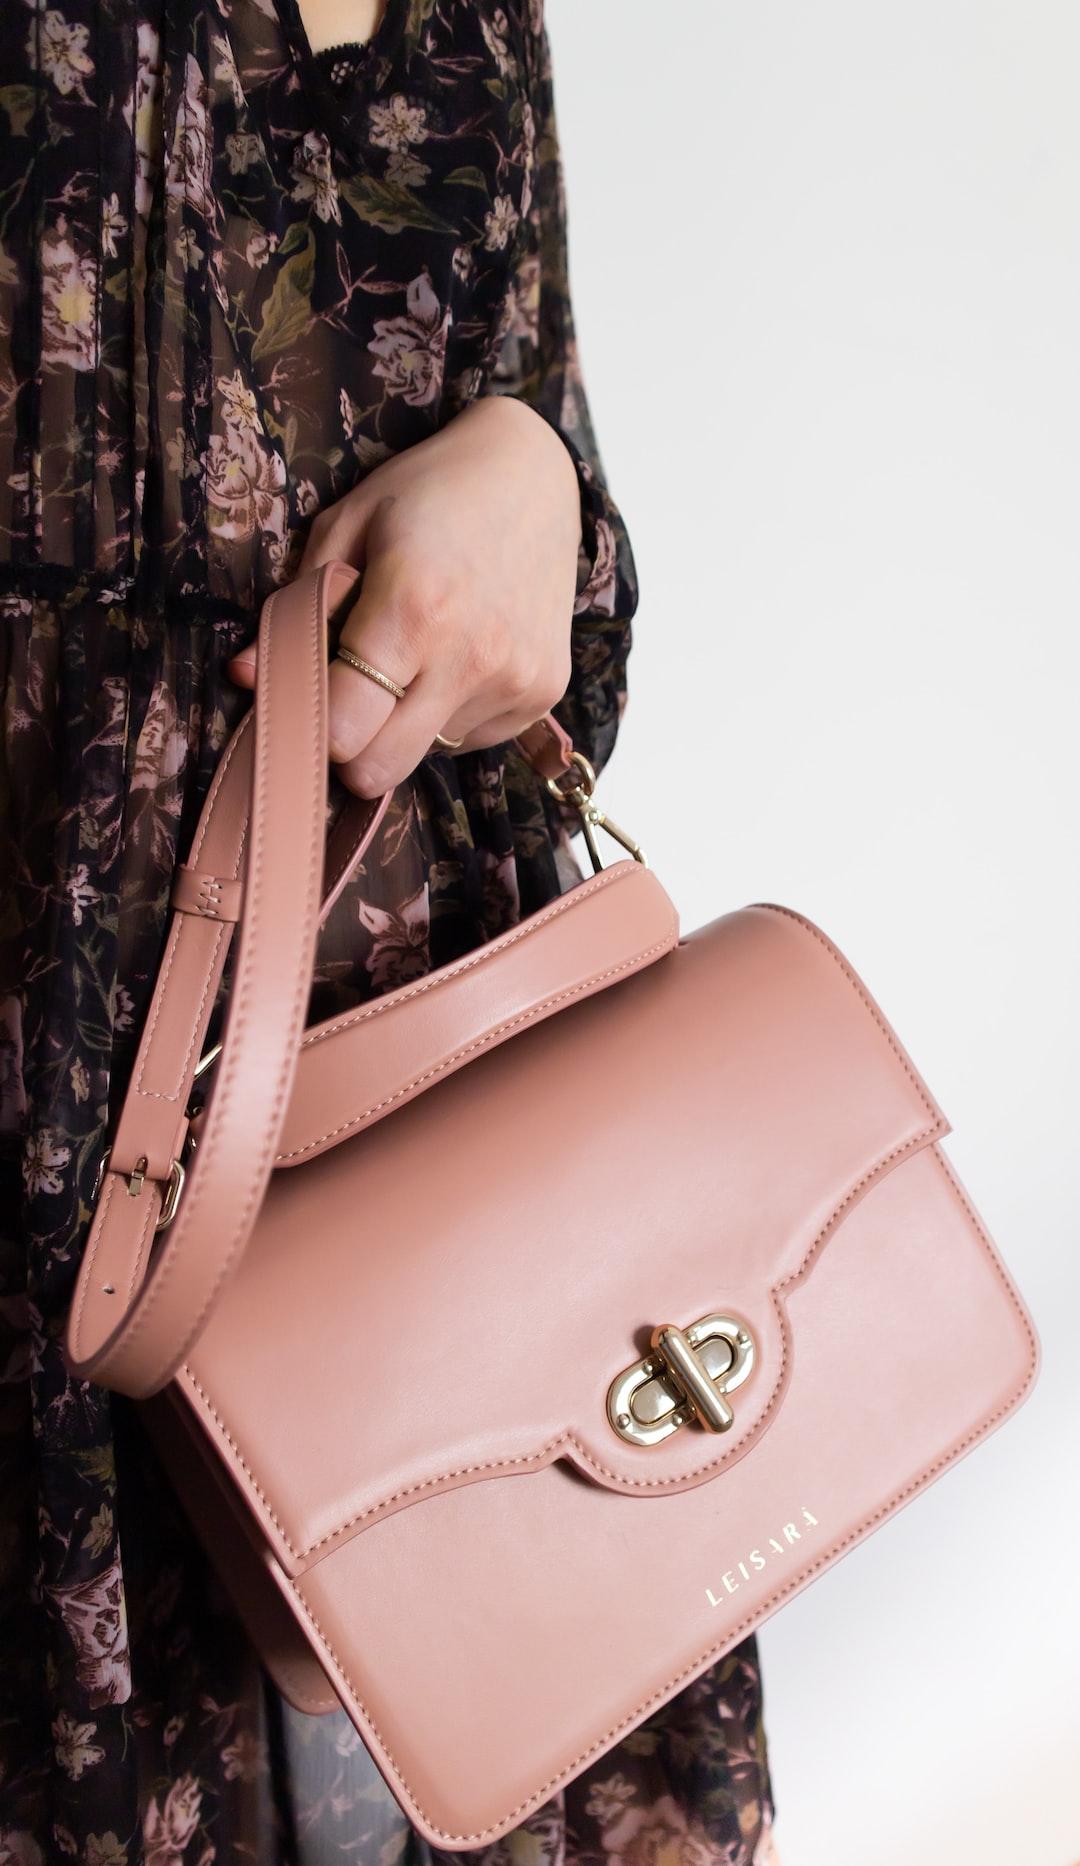 Handbag by LEISARA.com